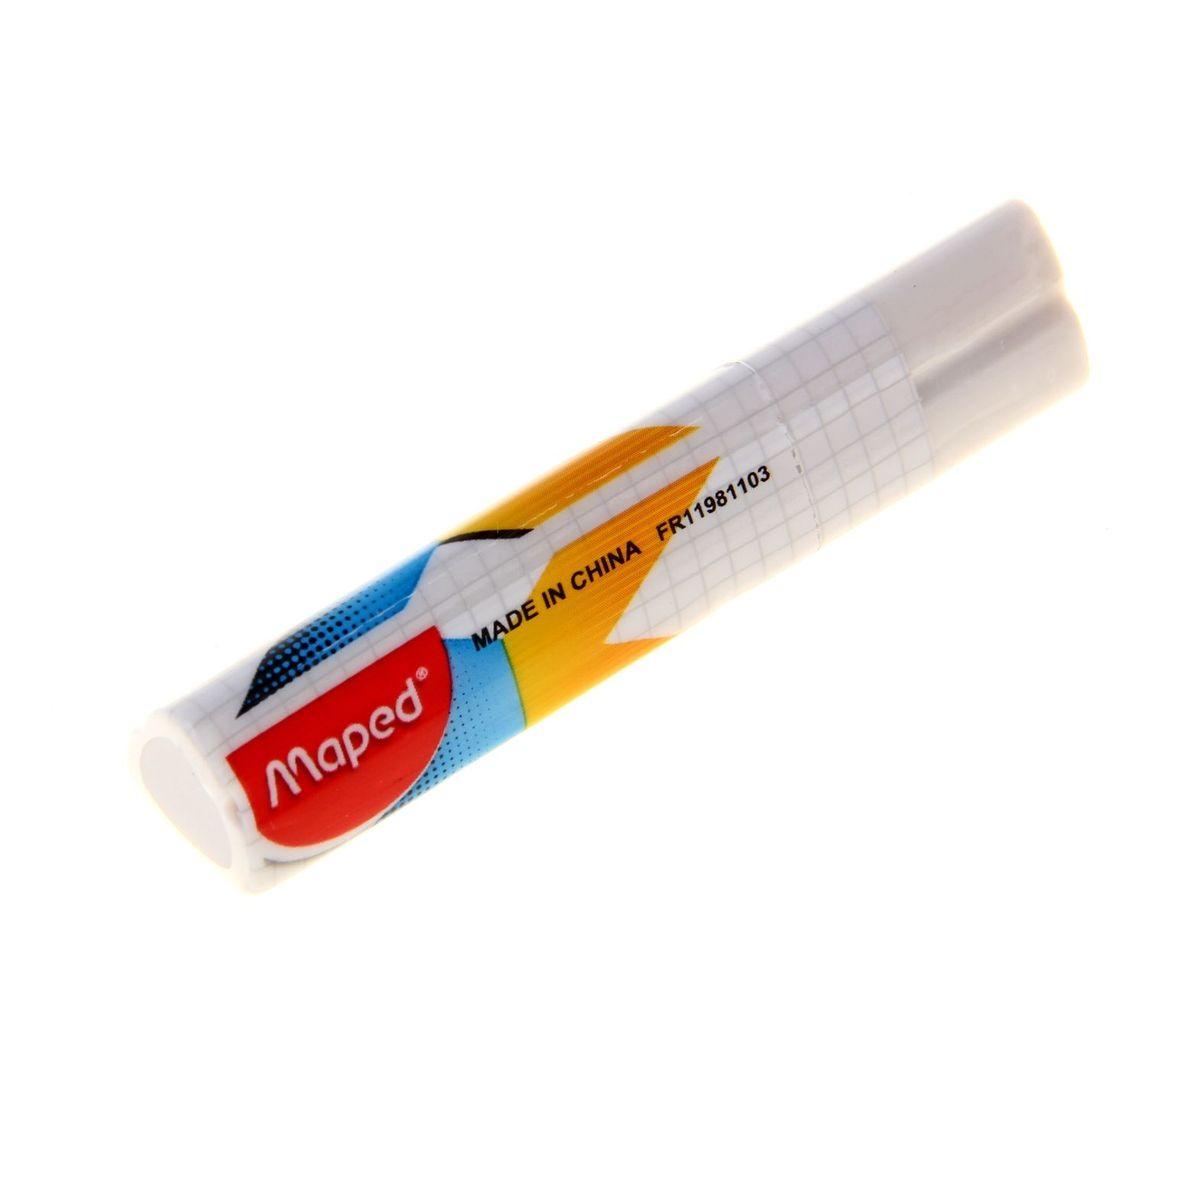 Maped Ластик Stick X-Pert1082629Ластик Maped Stick X-Pert изготовлен из синтетики. Имеет эргономичную трехгранную форму. Ластик легко и без следов удаляет с бумаги надписи, сделанные карандашом любой твердости.